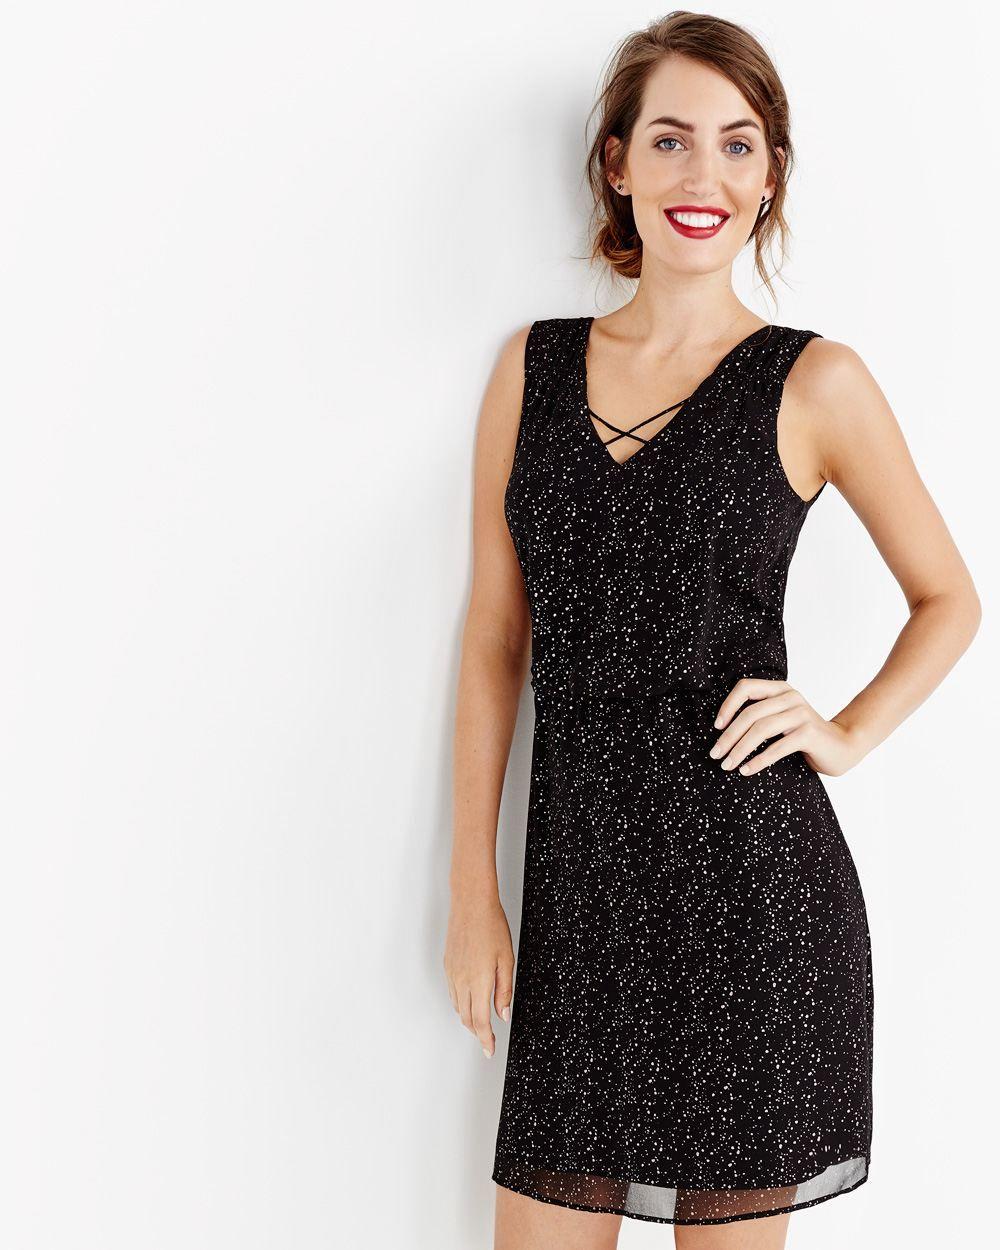 Sleeveless vneck dress gradfarewell pinterest shopping